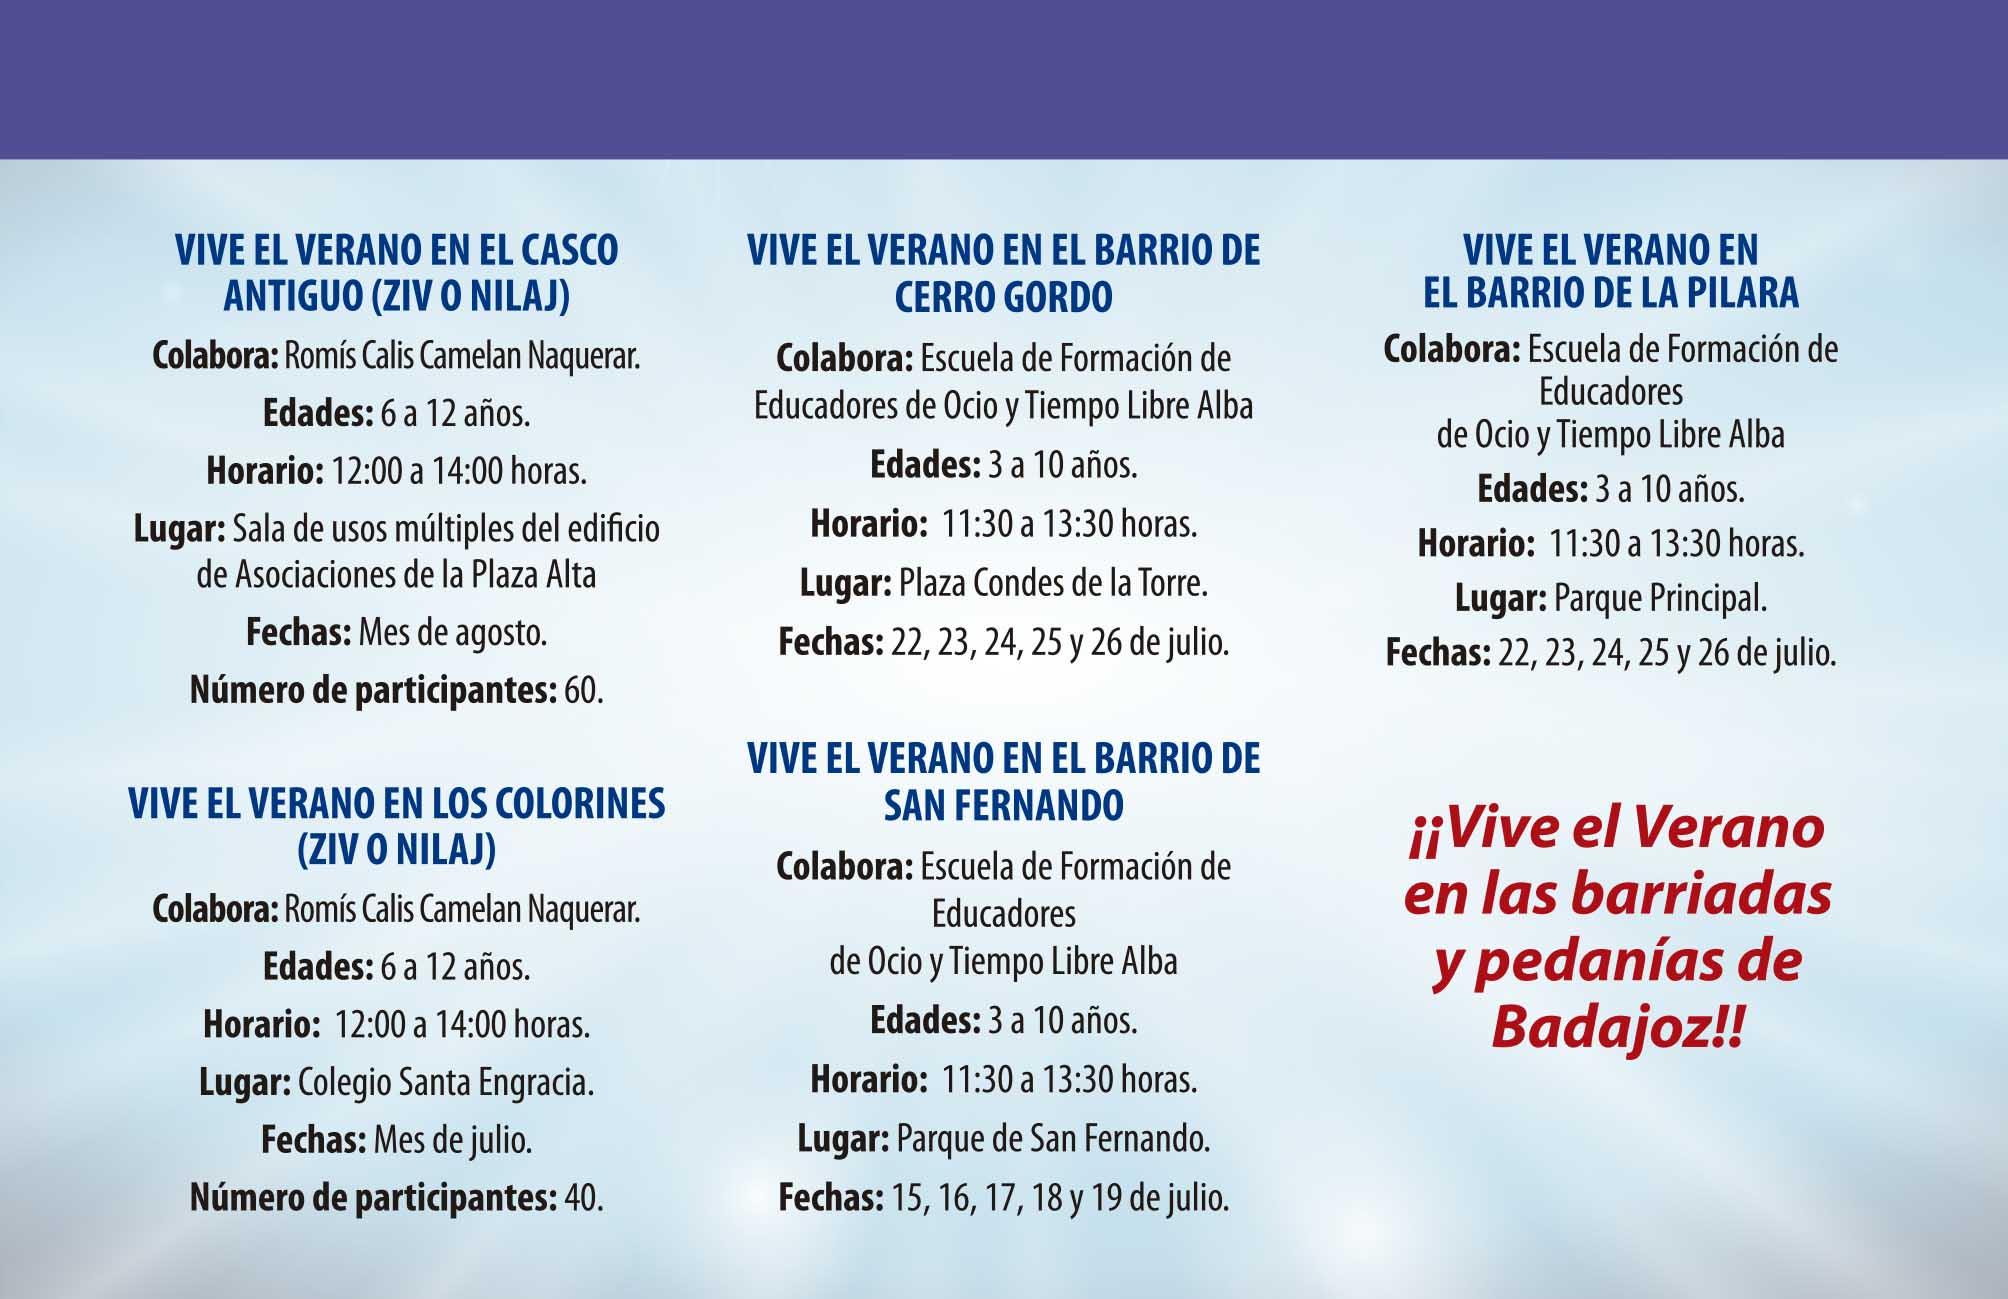 programa_vive_el_verano_2019-culba-021